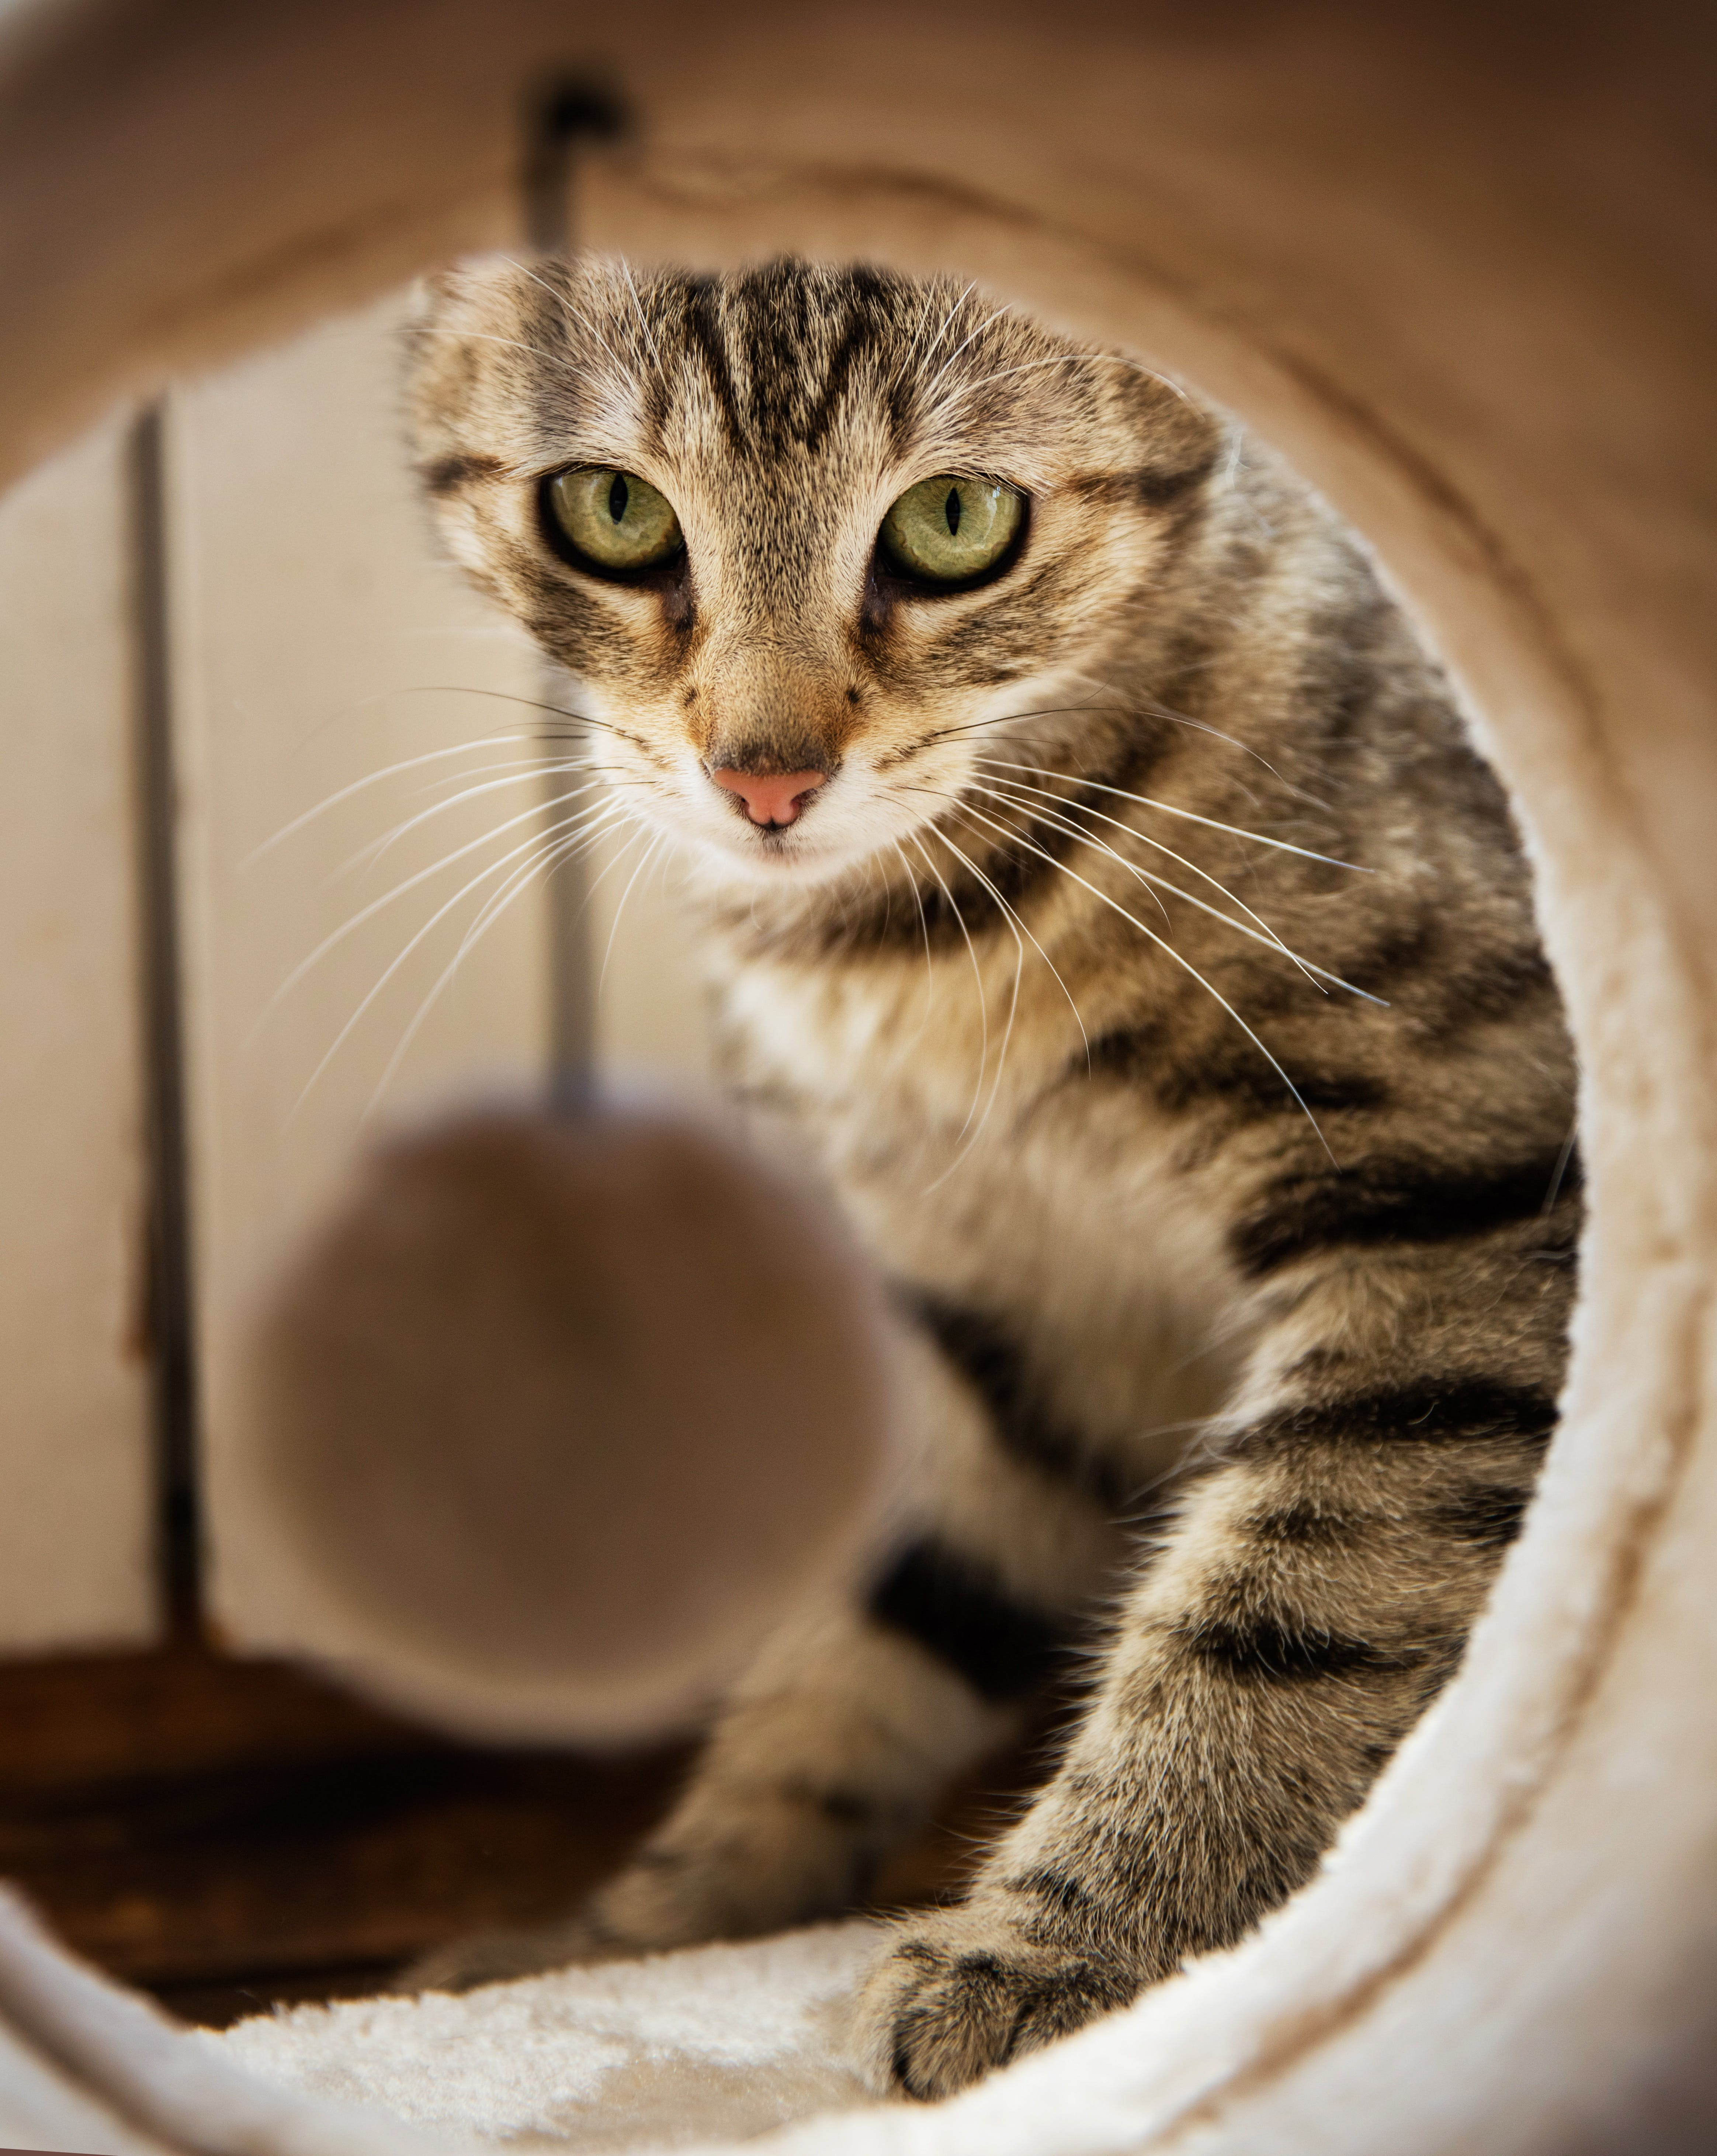 かわいらしい, ぶち, キティ, ネコの無料の写真素材